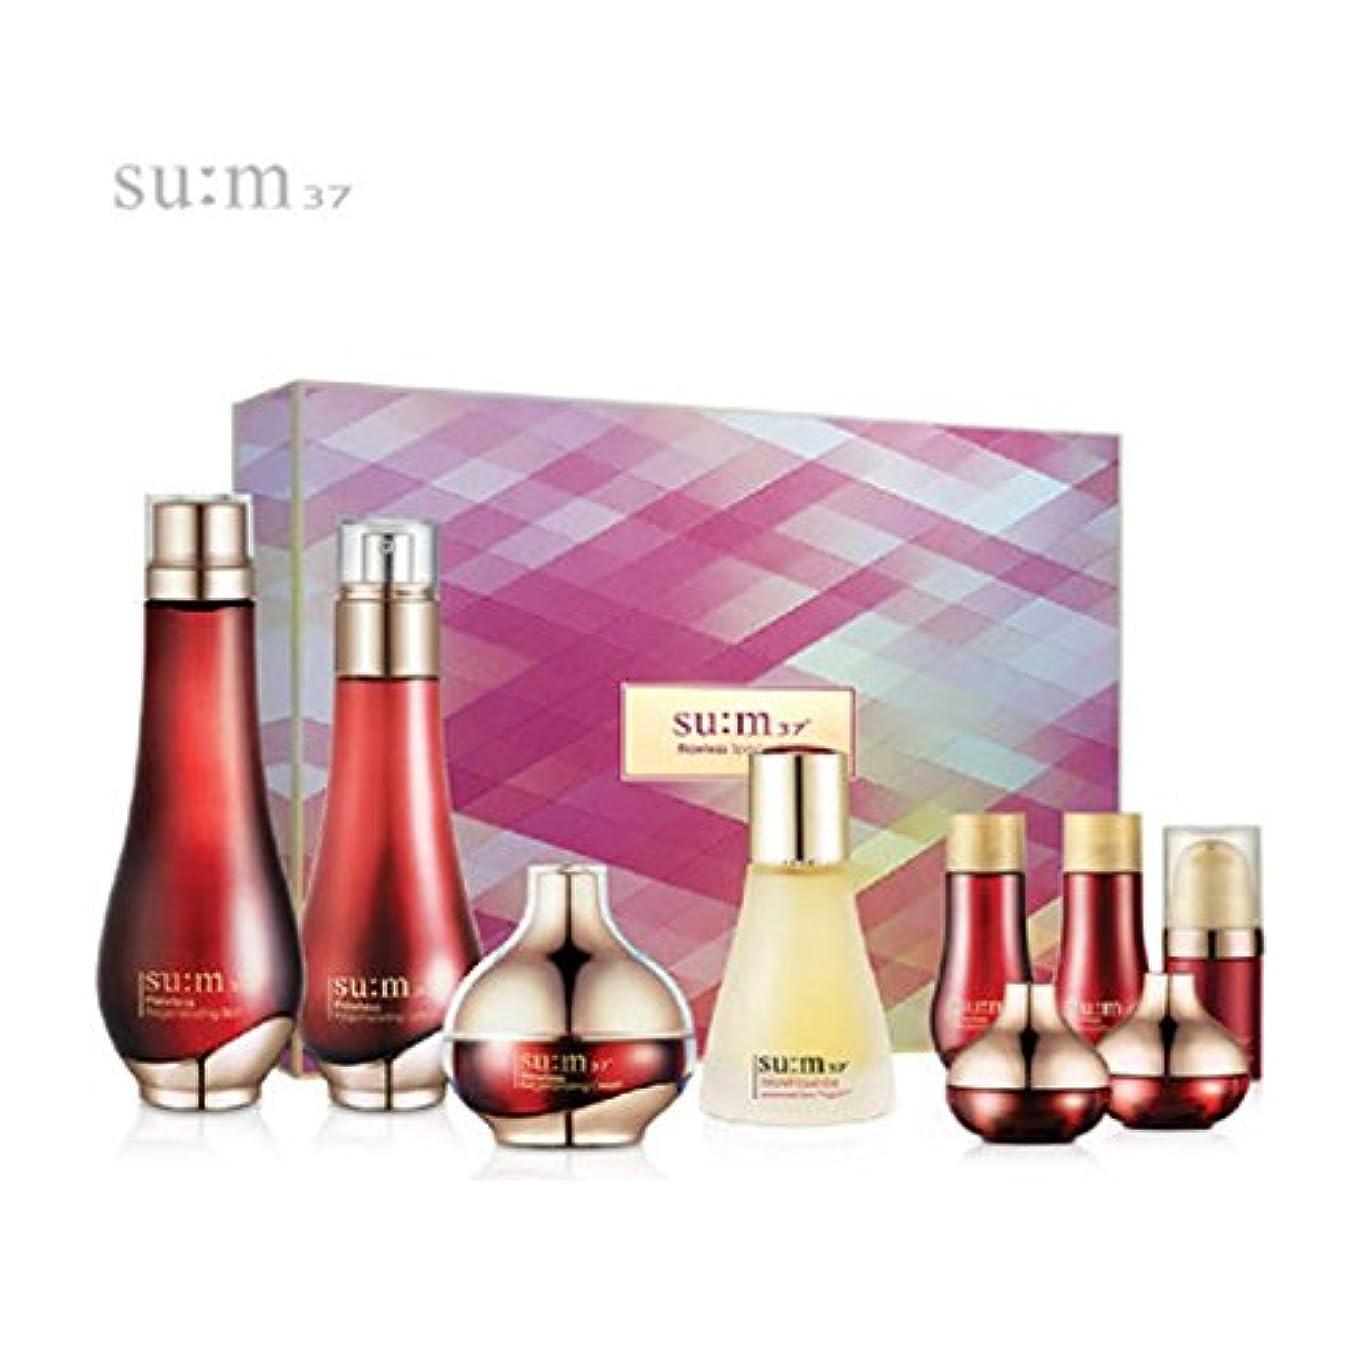 スペア死にかけているラベル[su:m37/スム37°]Flawless 3pcs Special Limited Skincare Set/フローレス3種のスキンケアセット + [Sample Gift](海外直送品)